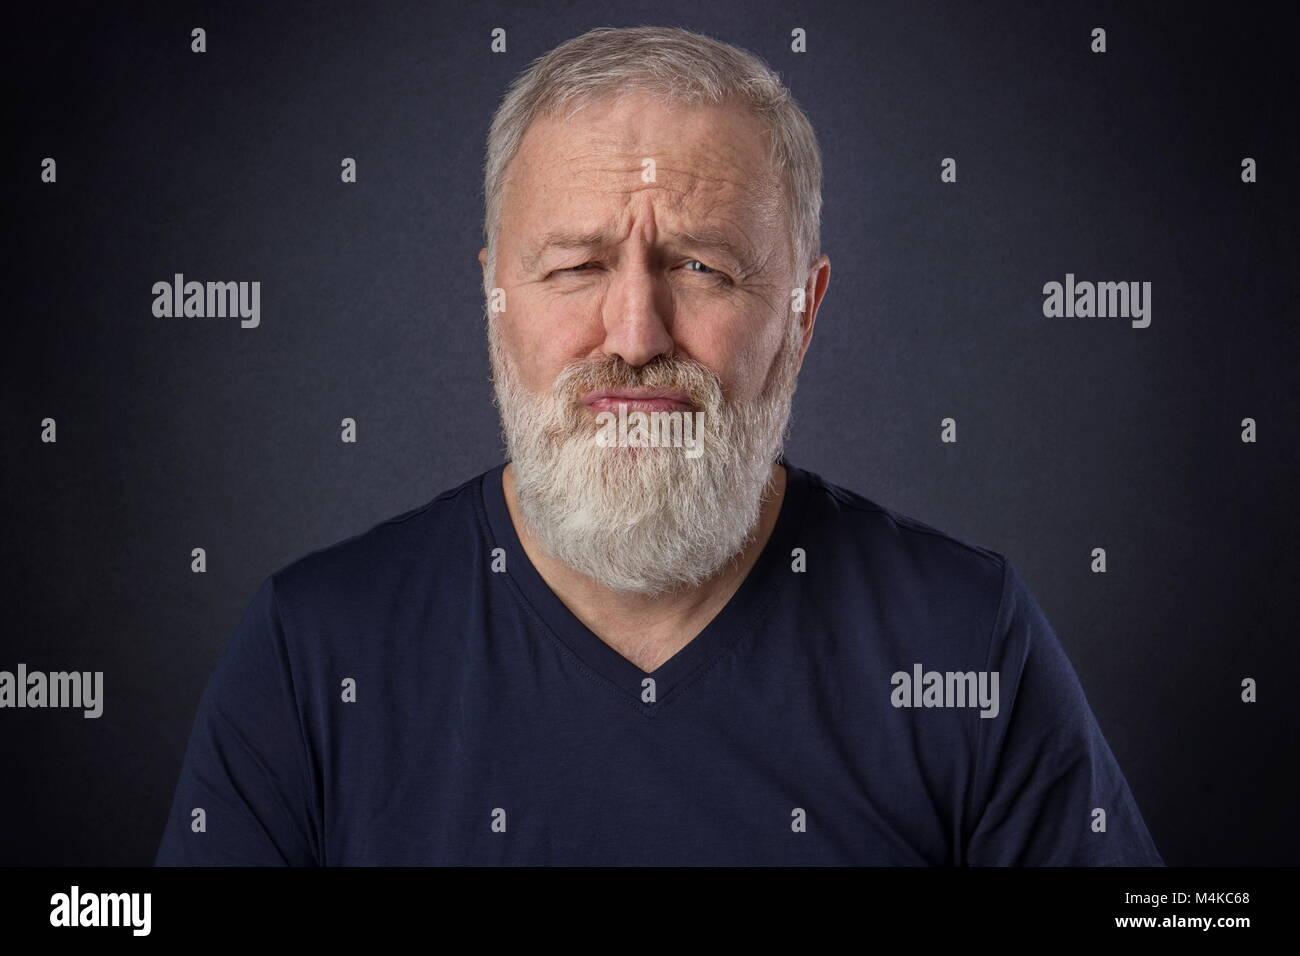 Un hombre de 60 años con barba gris posando estropeó la mueca en el studio Imagen De Stock